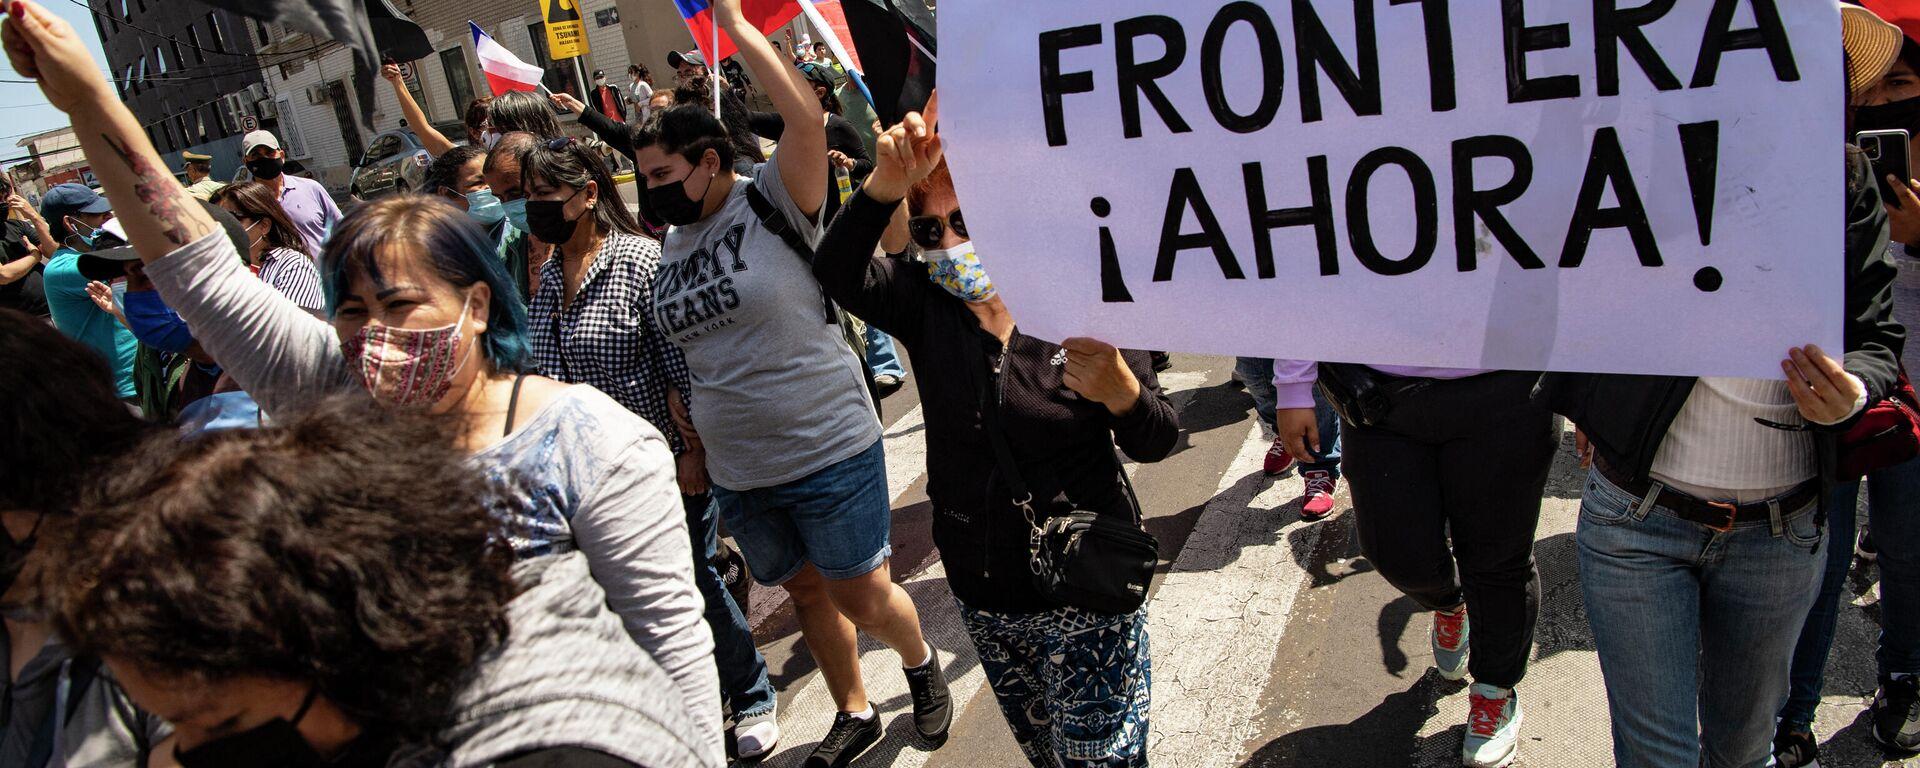 Chilenos protestando contra la migración irregular en Iquique, Chile - Sputnik Mundo, 1920, 26.09.2021